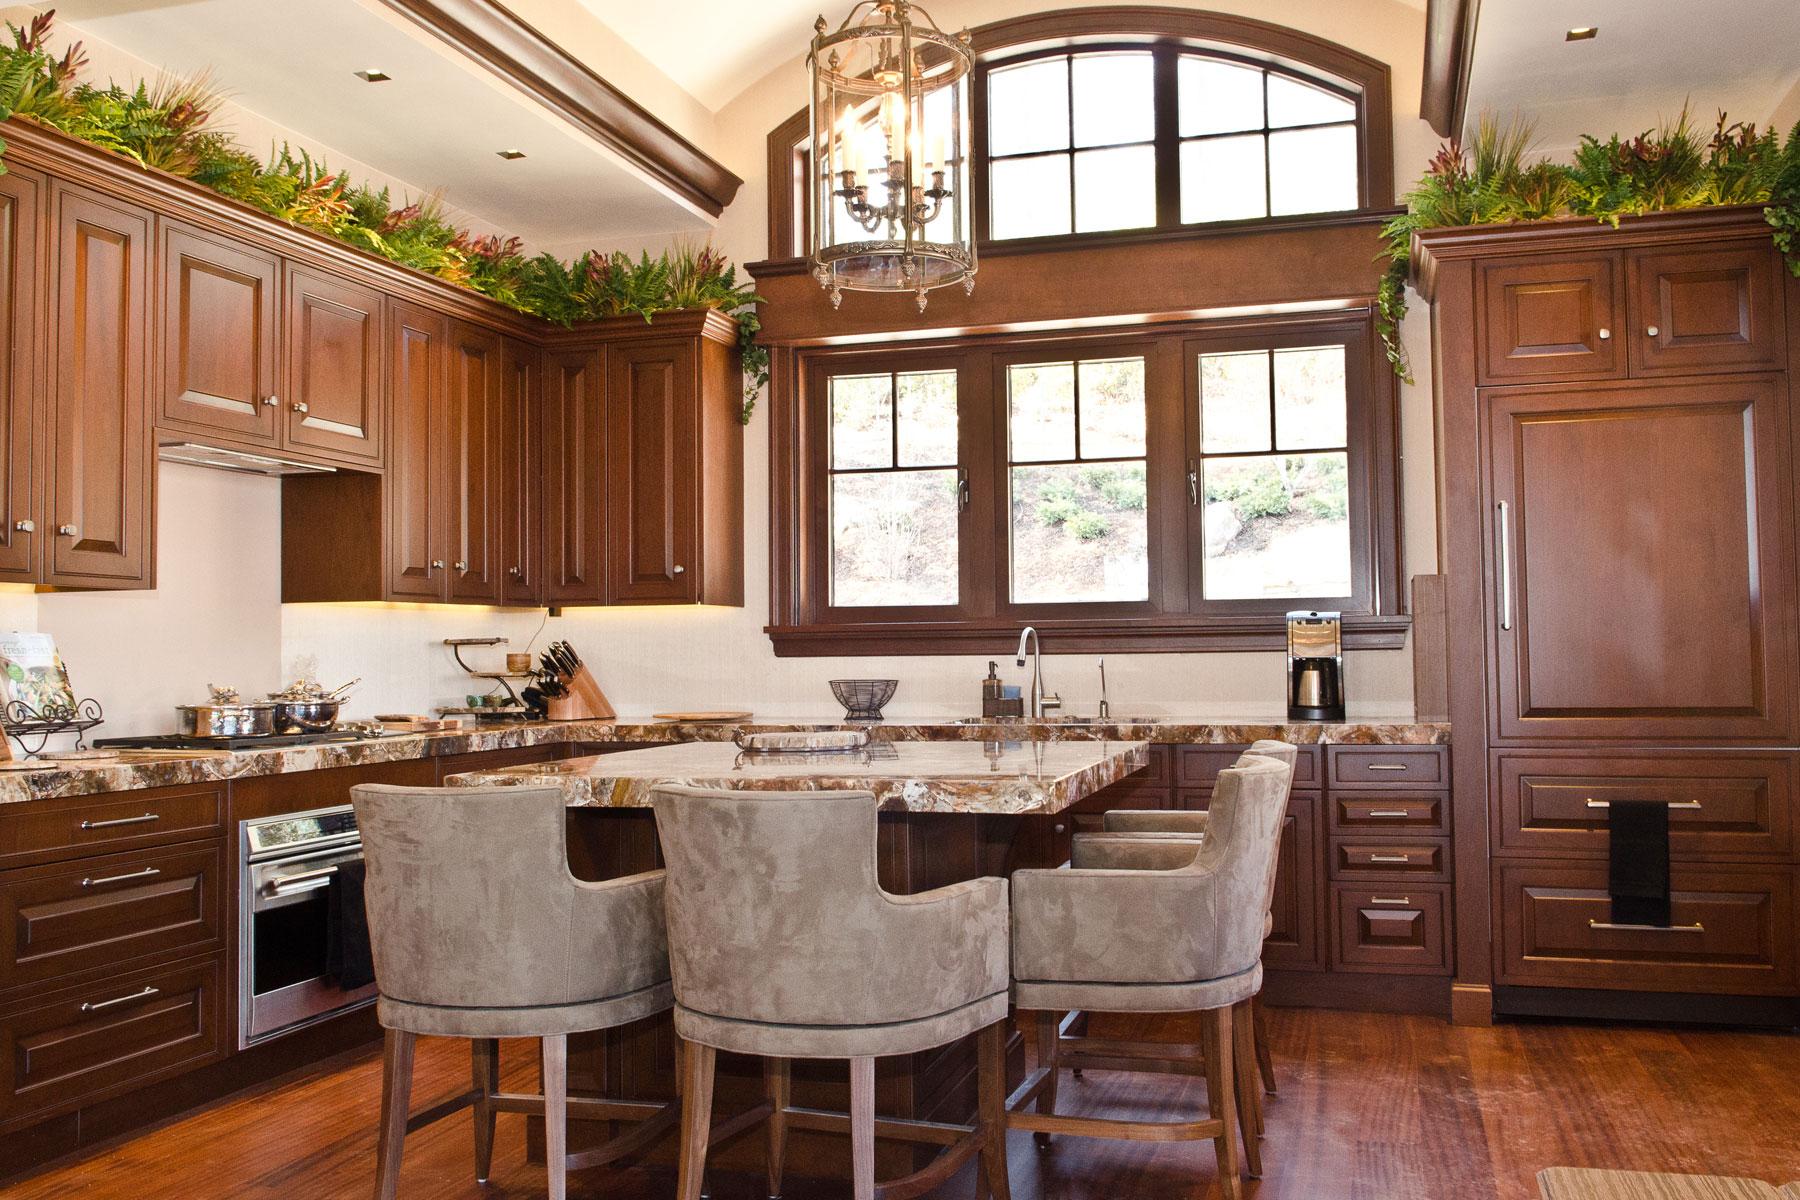 guest-house-kitchen-dark-cabinets